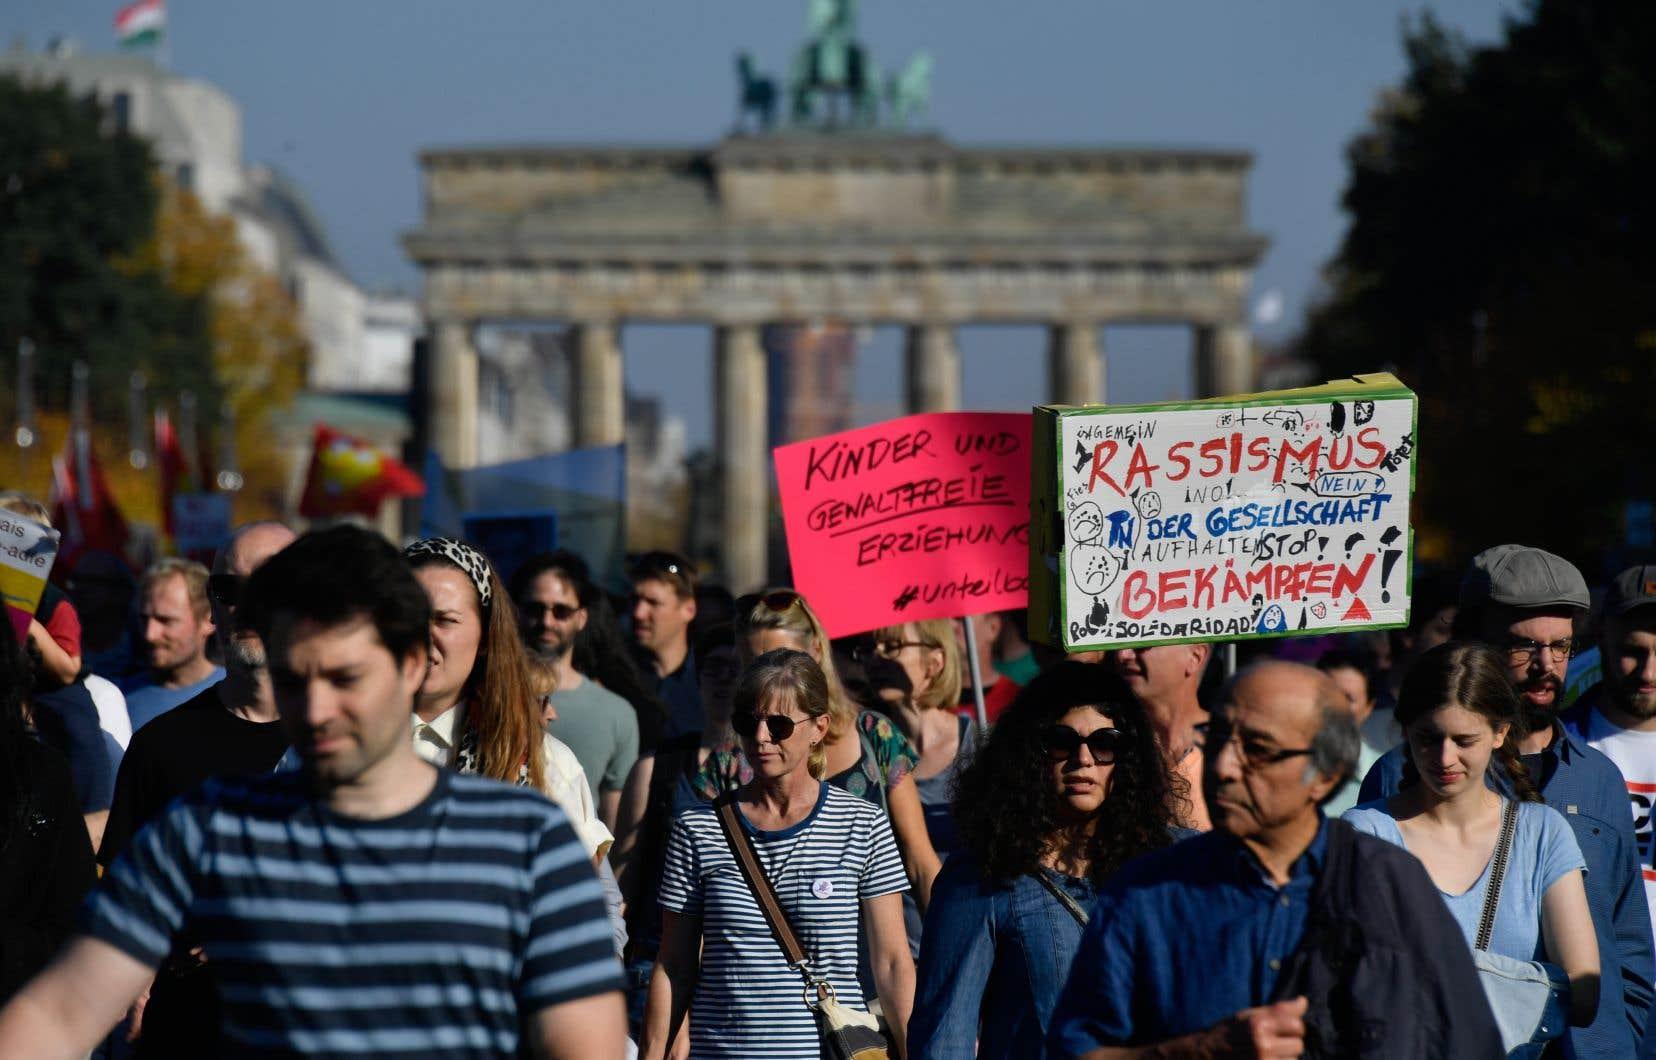 Au moins 150000 manifestants ont répondu présent, a annoncé le collectif #unteilbar (indivisible) qui avait dit miser sur quelque 40000 participants.